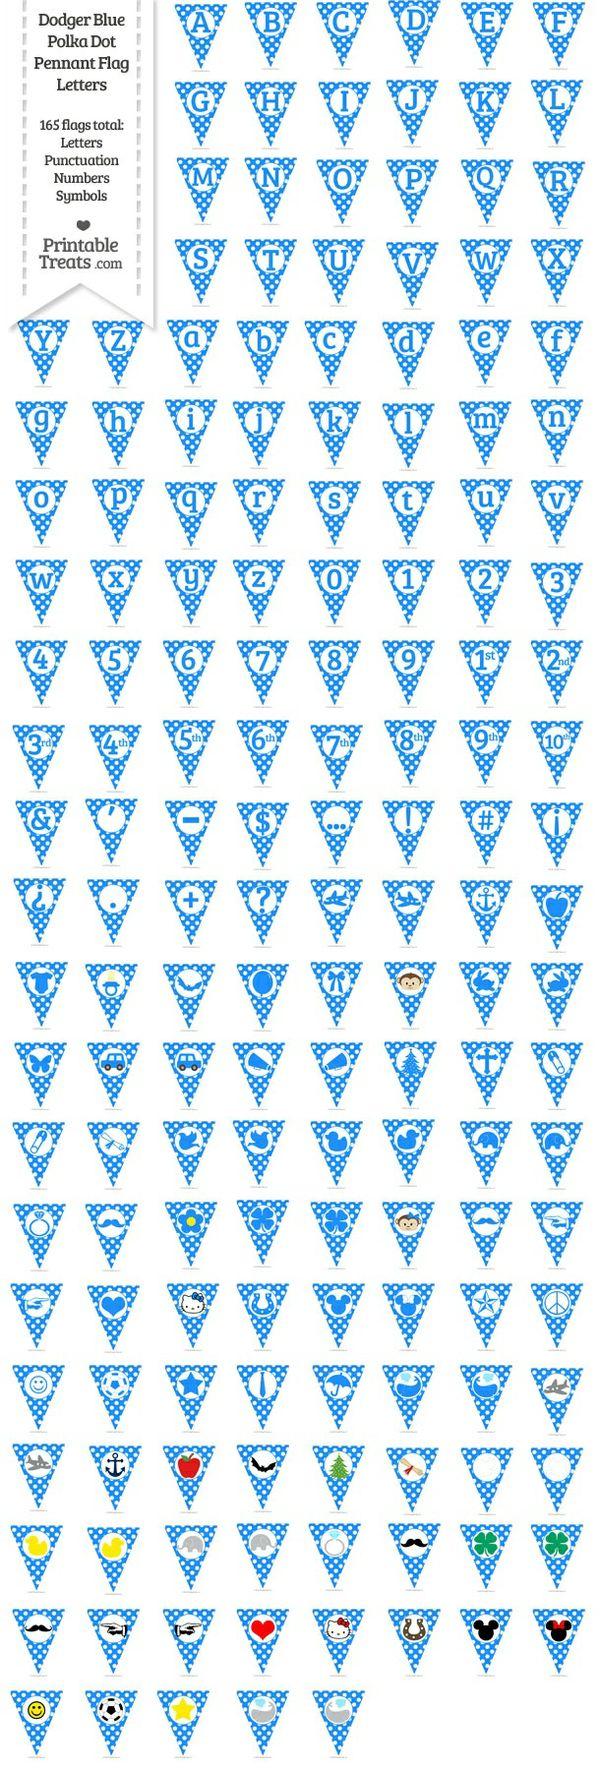 165 Dodger Blue Polka Dot Pennant Flag Letters Password